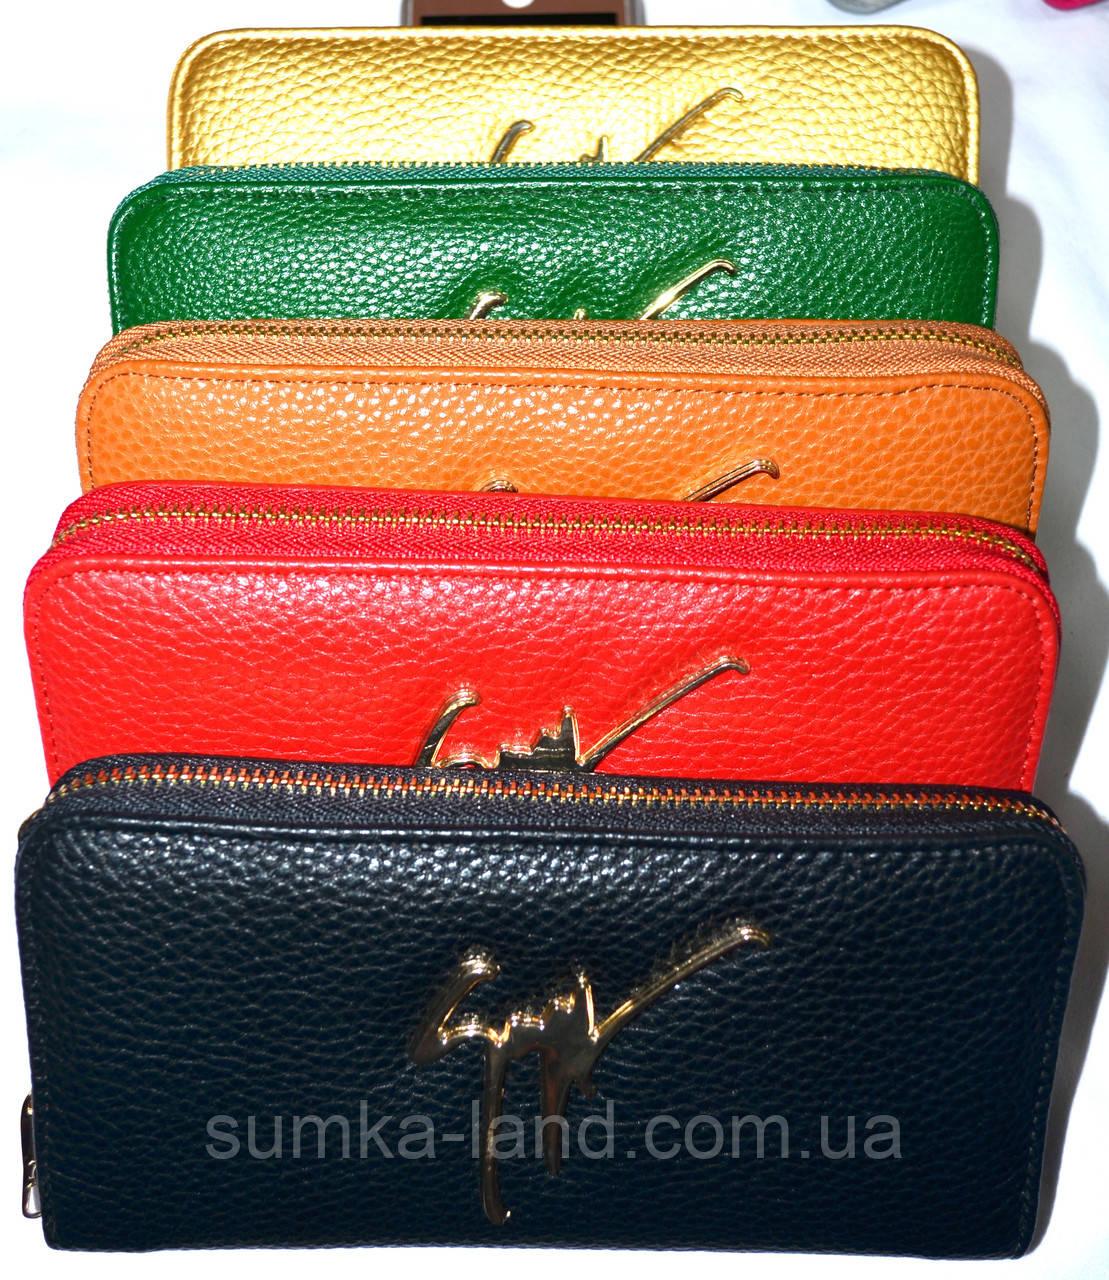 Женские брендовые кошельки из искусственной кожи с ремешком на руку 19*10